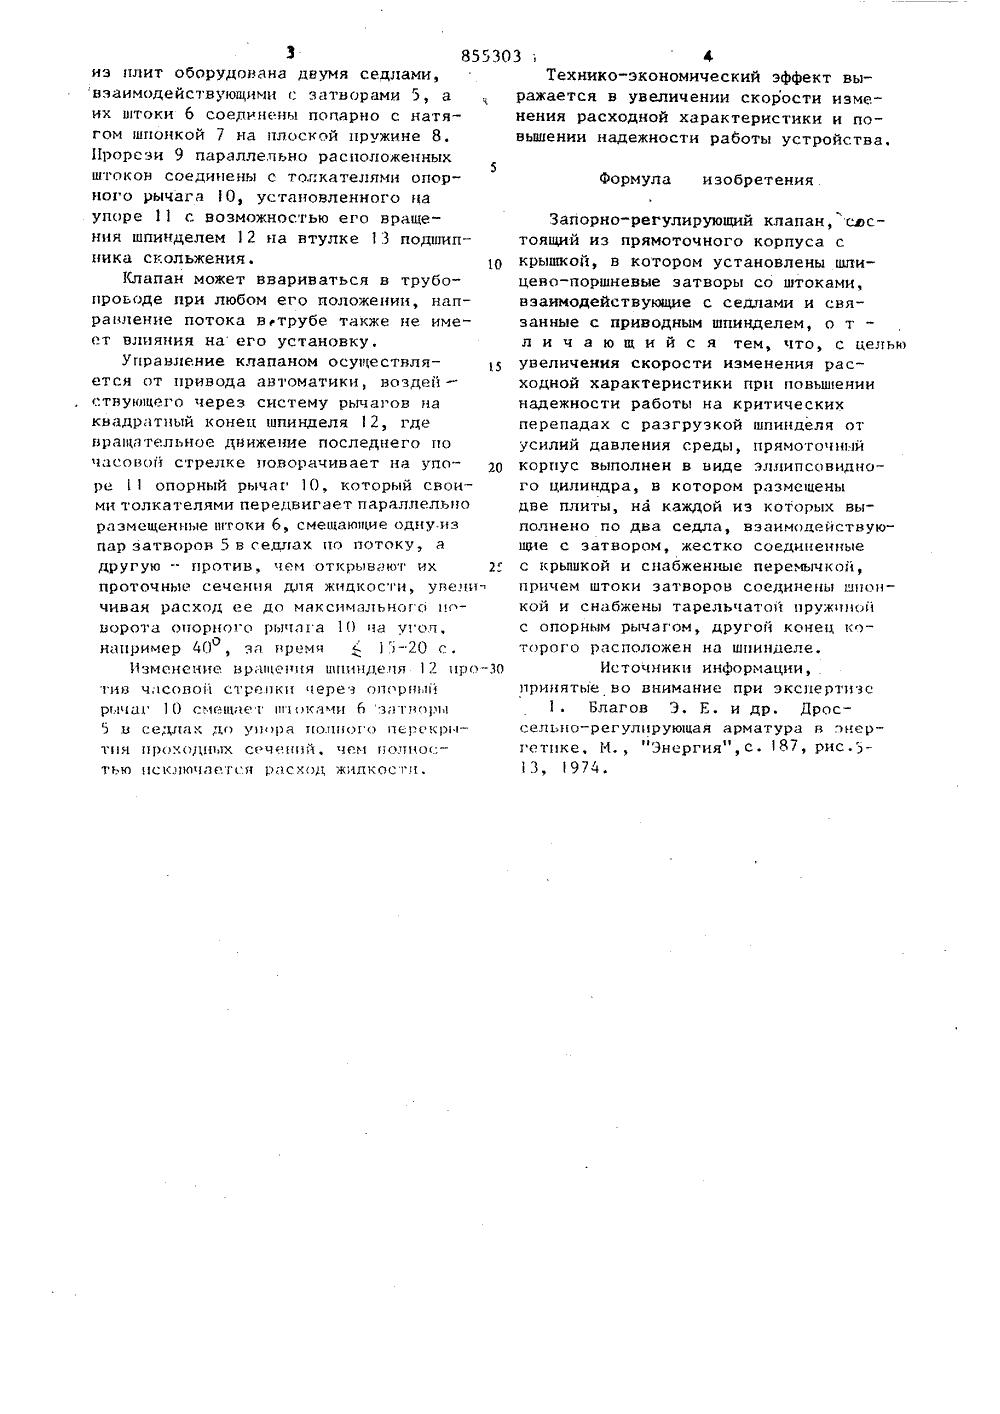 Реферат запорно регулирующей арматуры 1 фотография